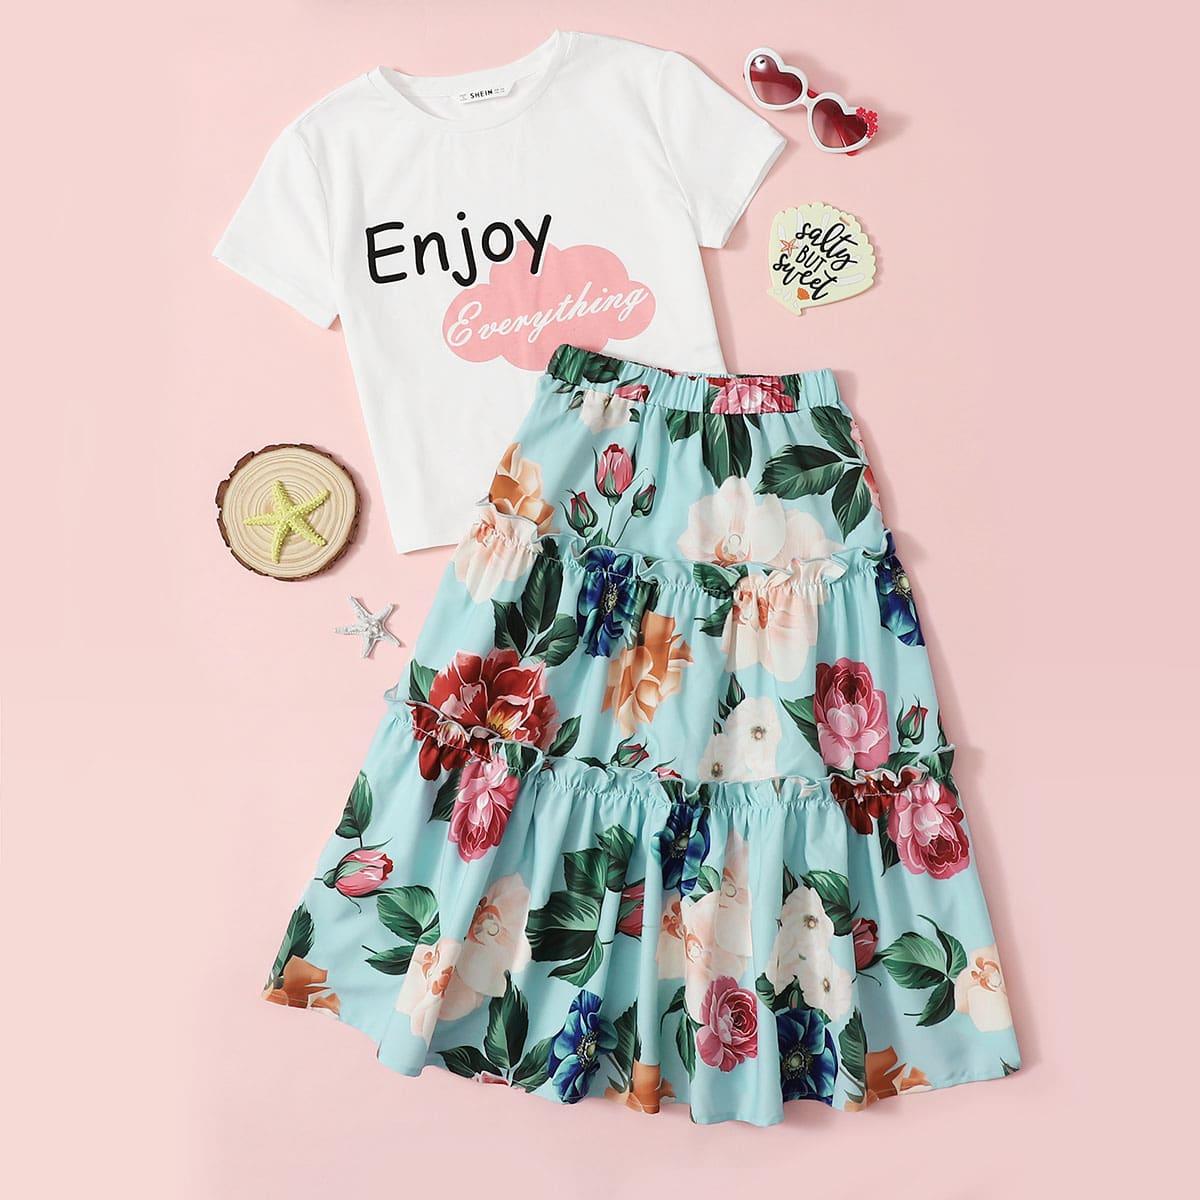 SHEIN / T-Shirt mit Buchstaben Grafik & Rock Set mit Blumen Muster